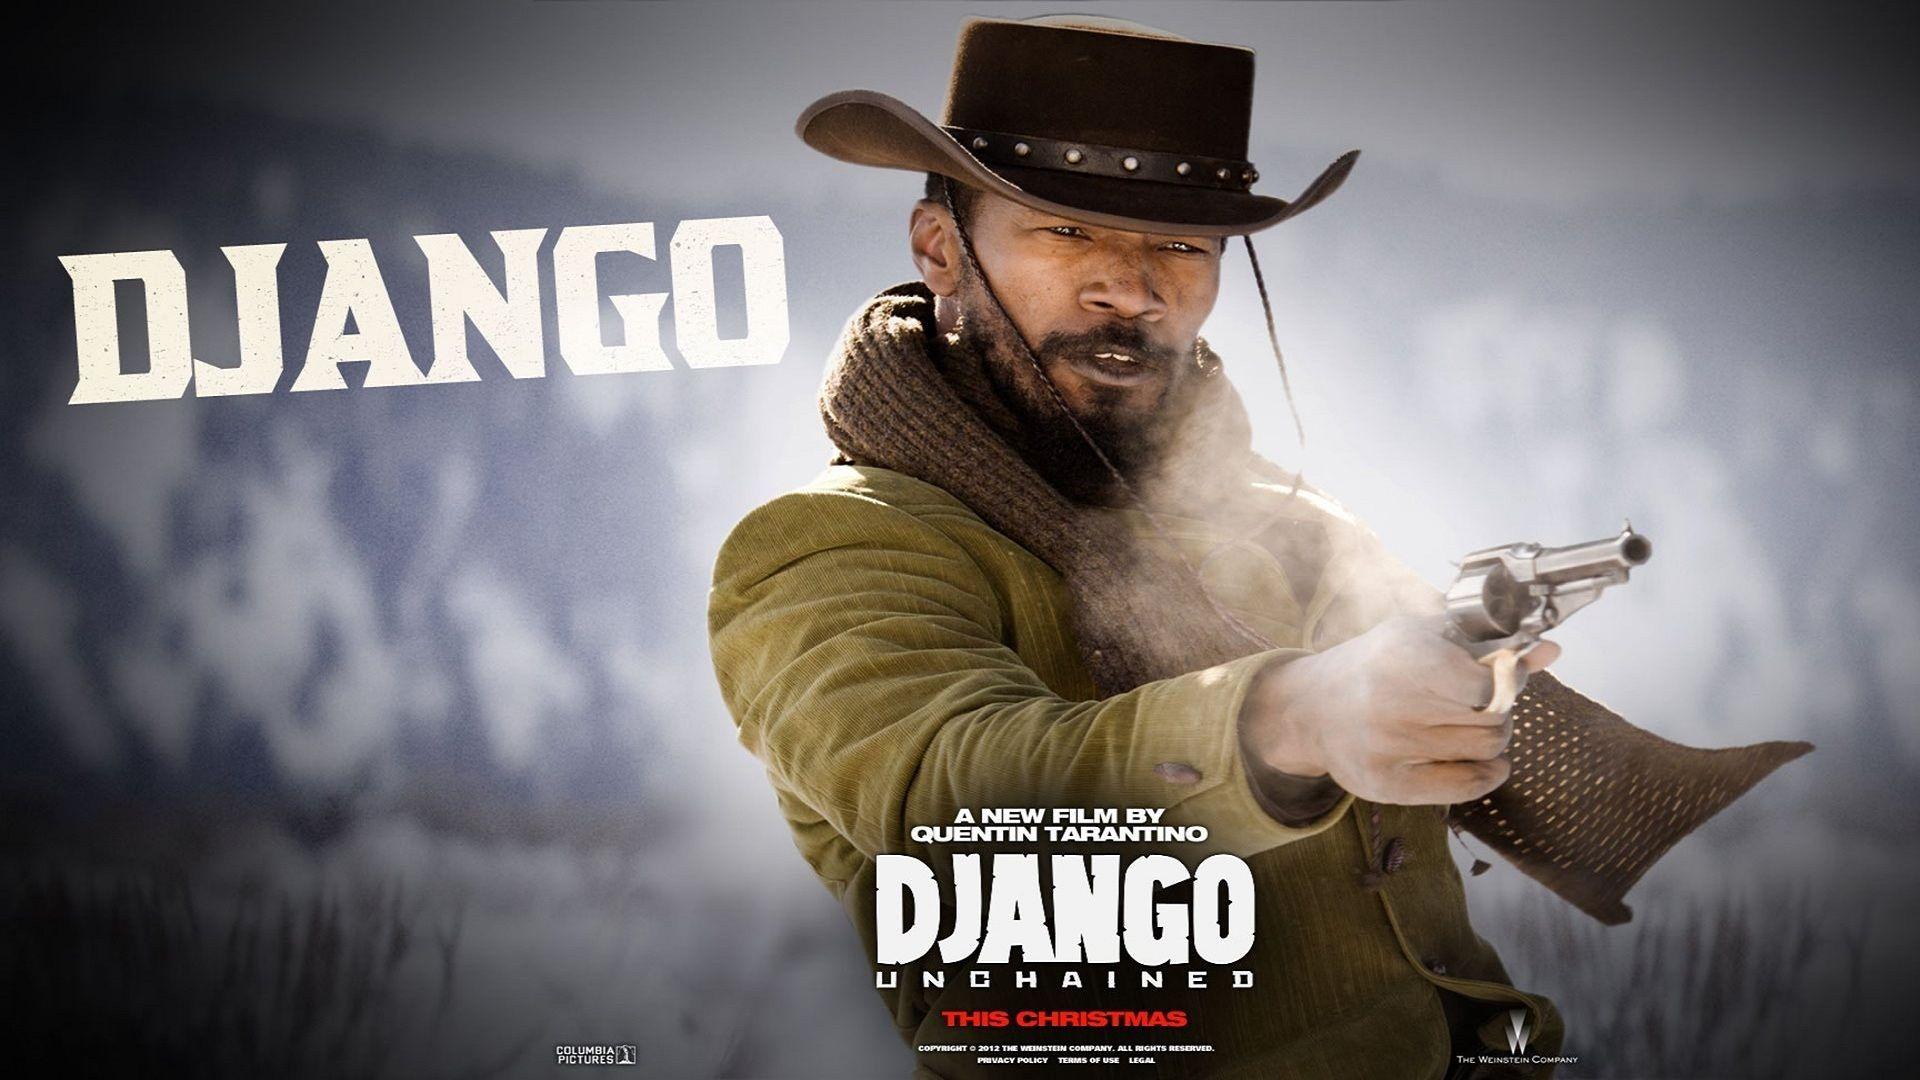 Django Wallpaper Hd Wallpaper At Wallpapersmap Com Django Unchained Django Unchained Soundtrack Soundtrack